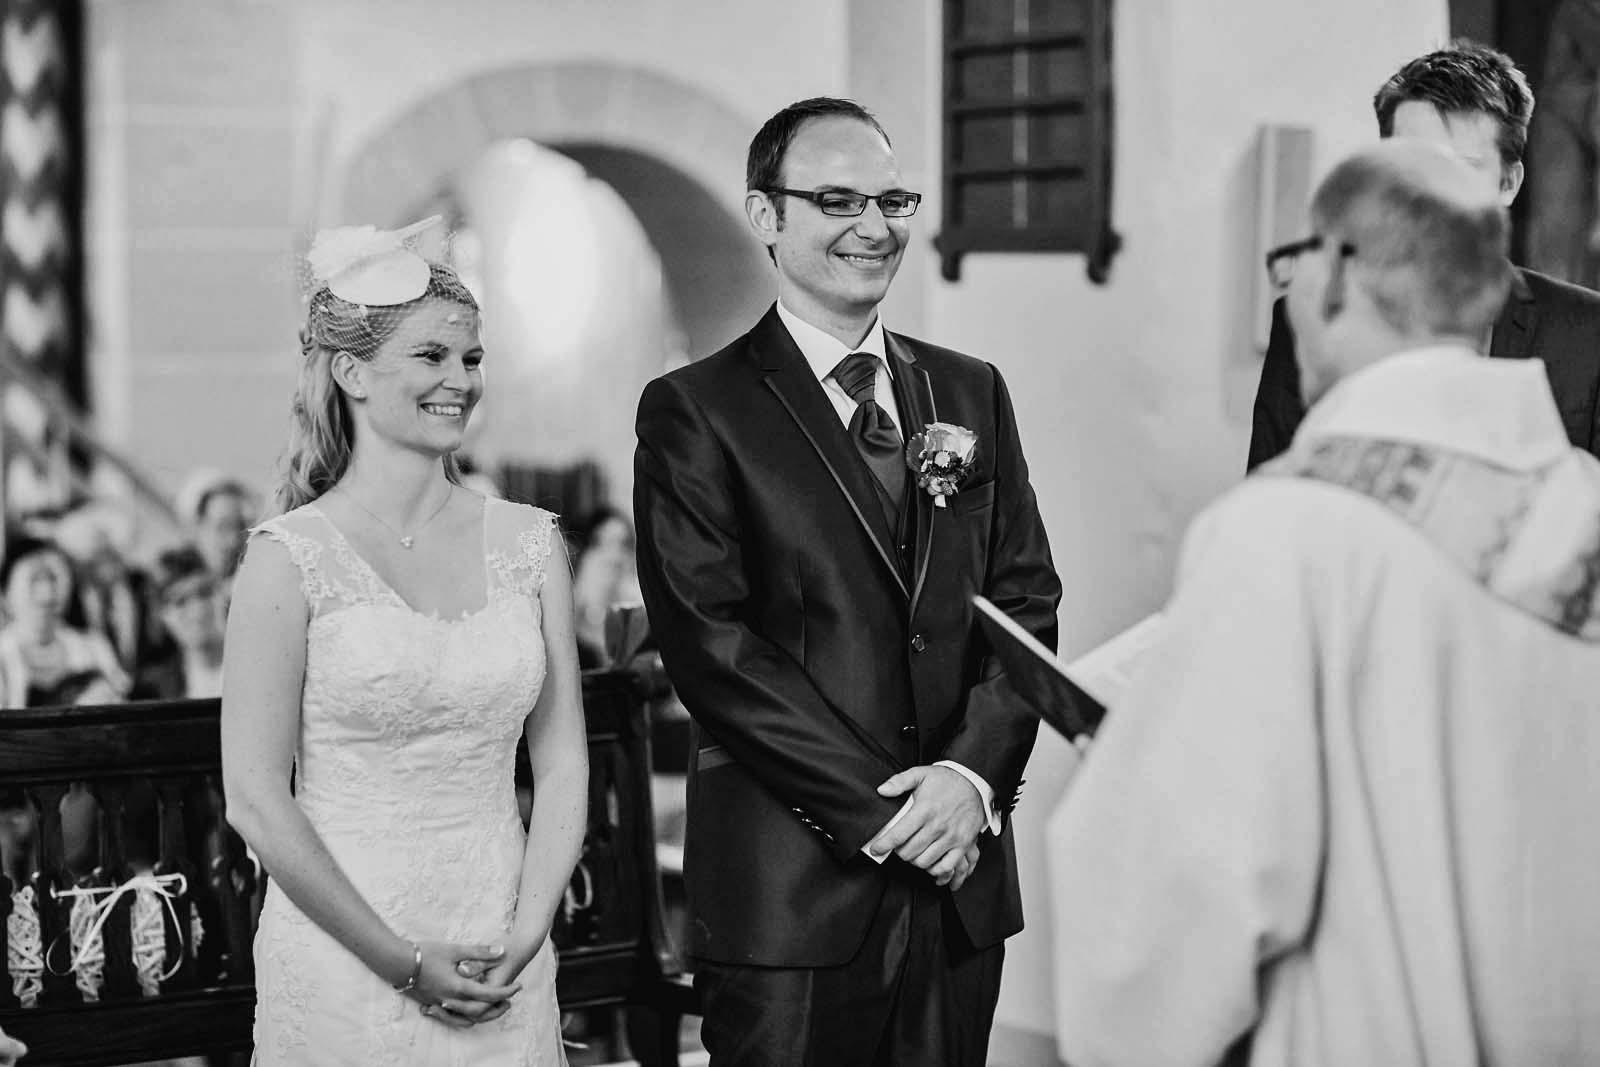 Foto der Hochzeitsreportage zeigt Brautpaar am Altar Copyright by Hochzeitsfotograf www.berliner-hochzeitsfotografie.de